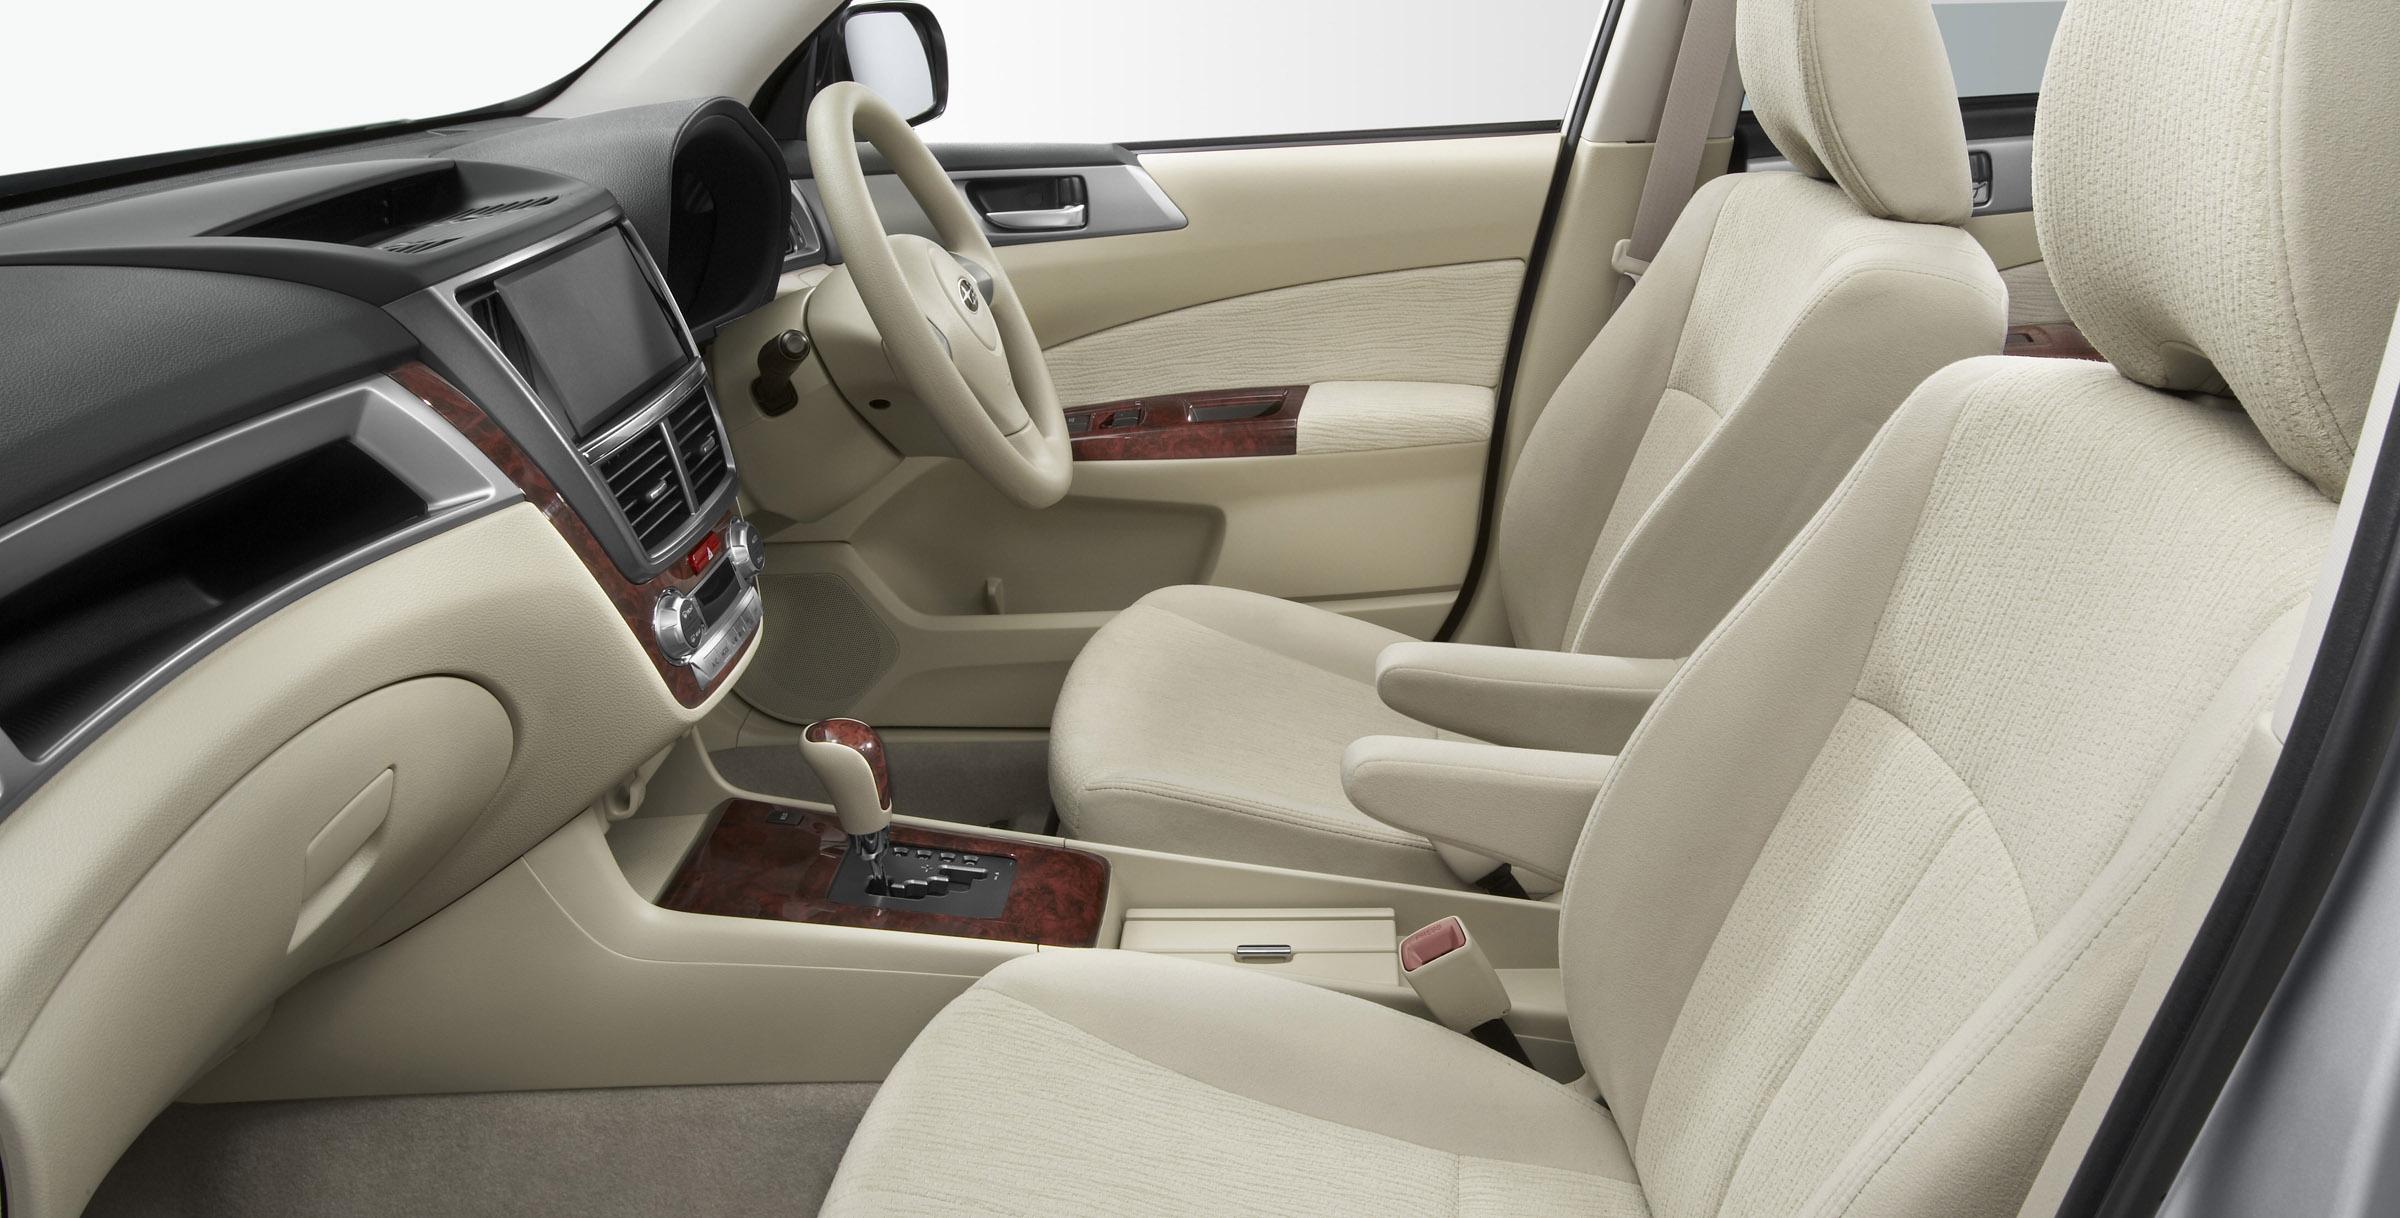 FHI представила новую модель Subaru EXIGA, семи-местный для Panorama Touring - фотография №9